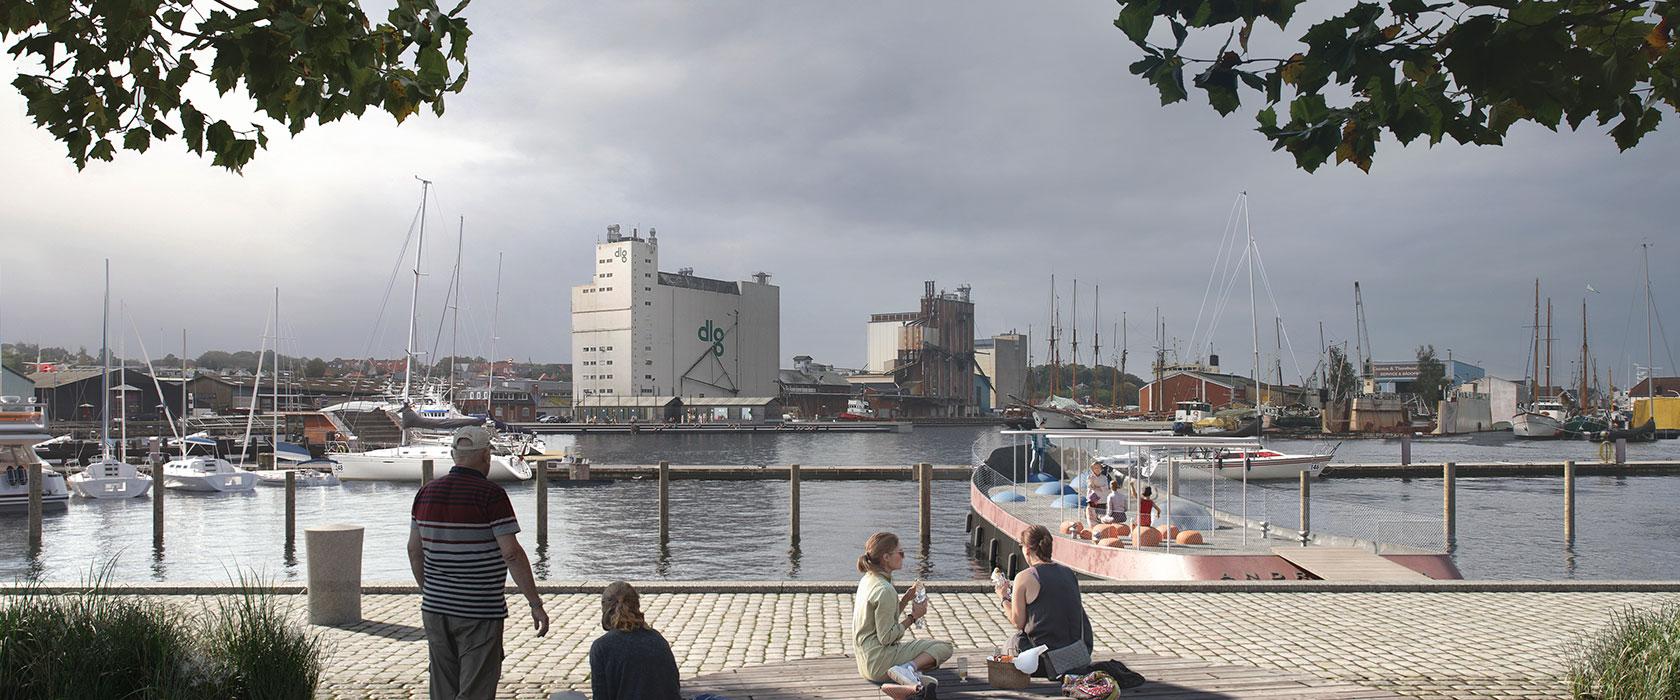 Den Blå Kant med havnen